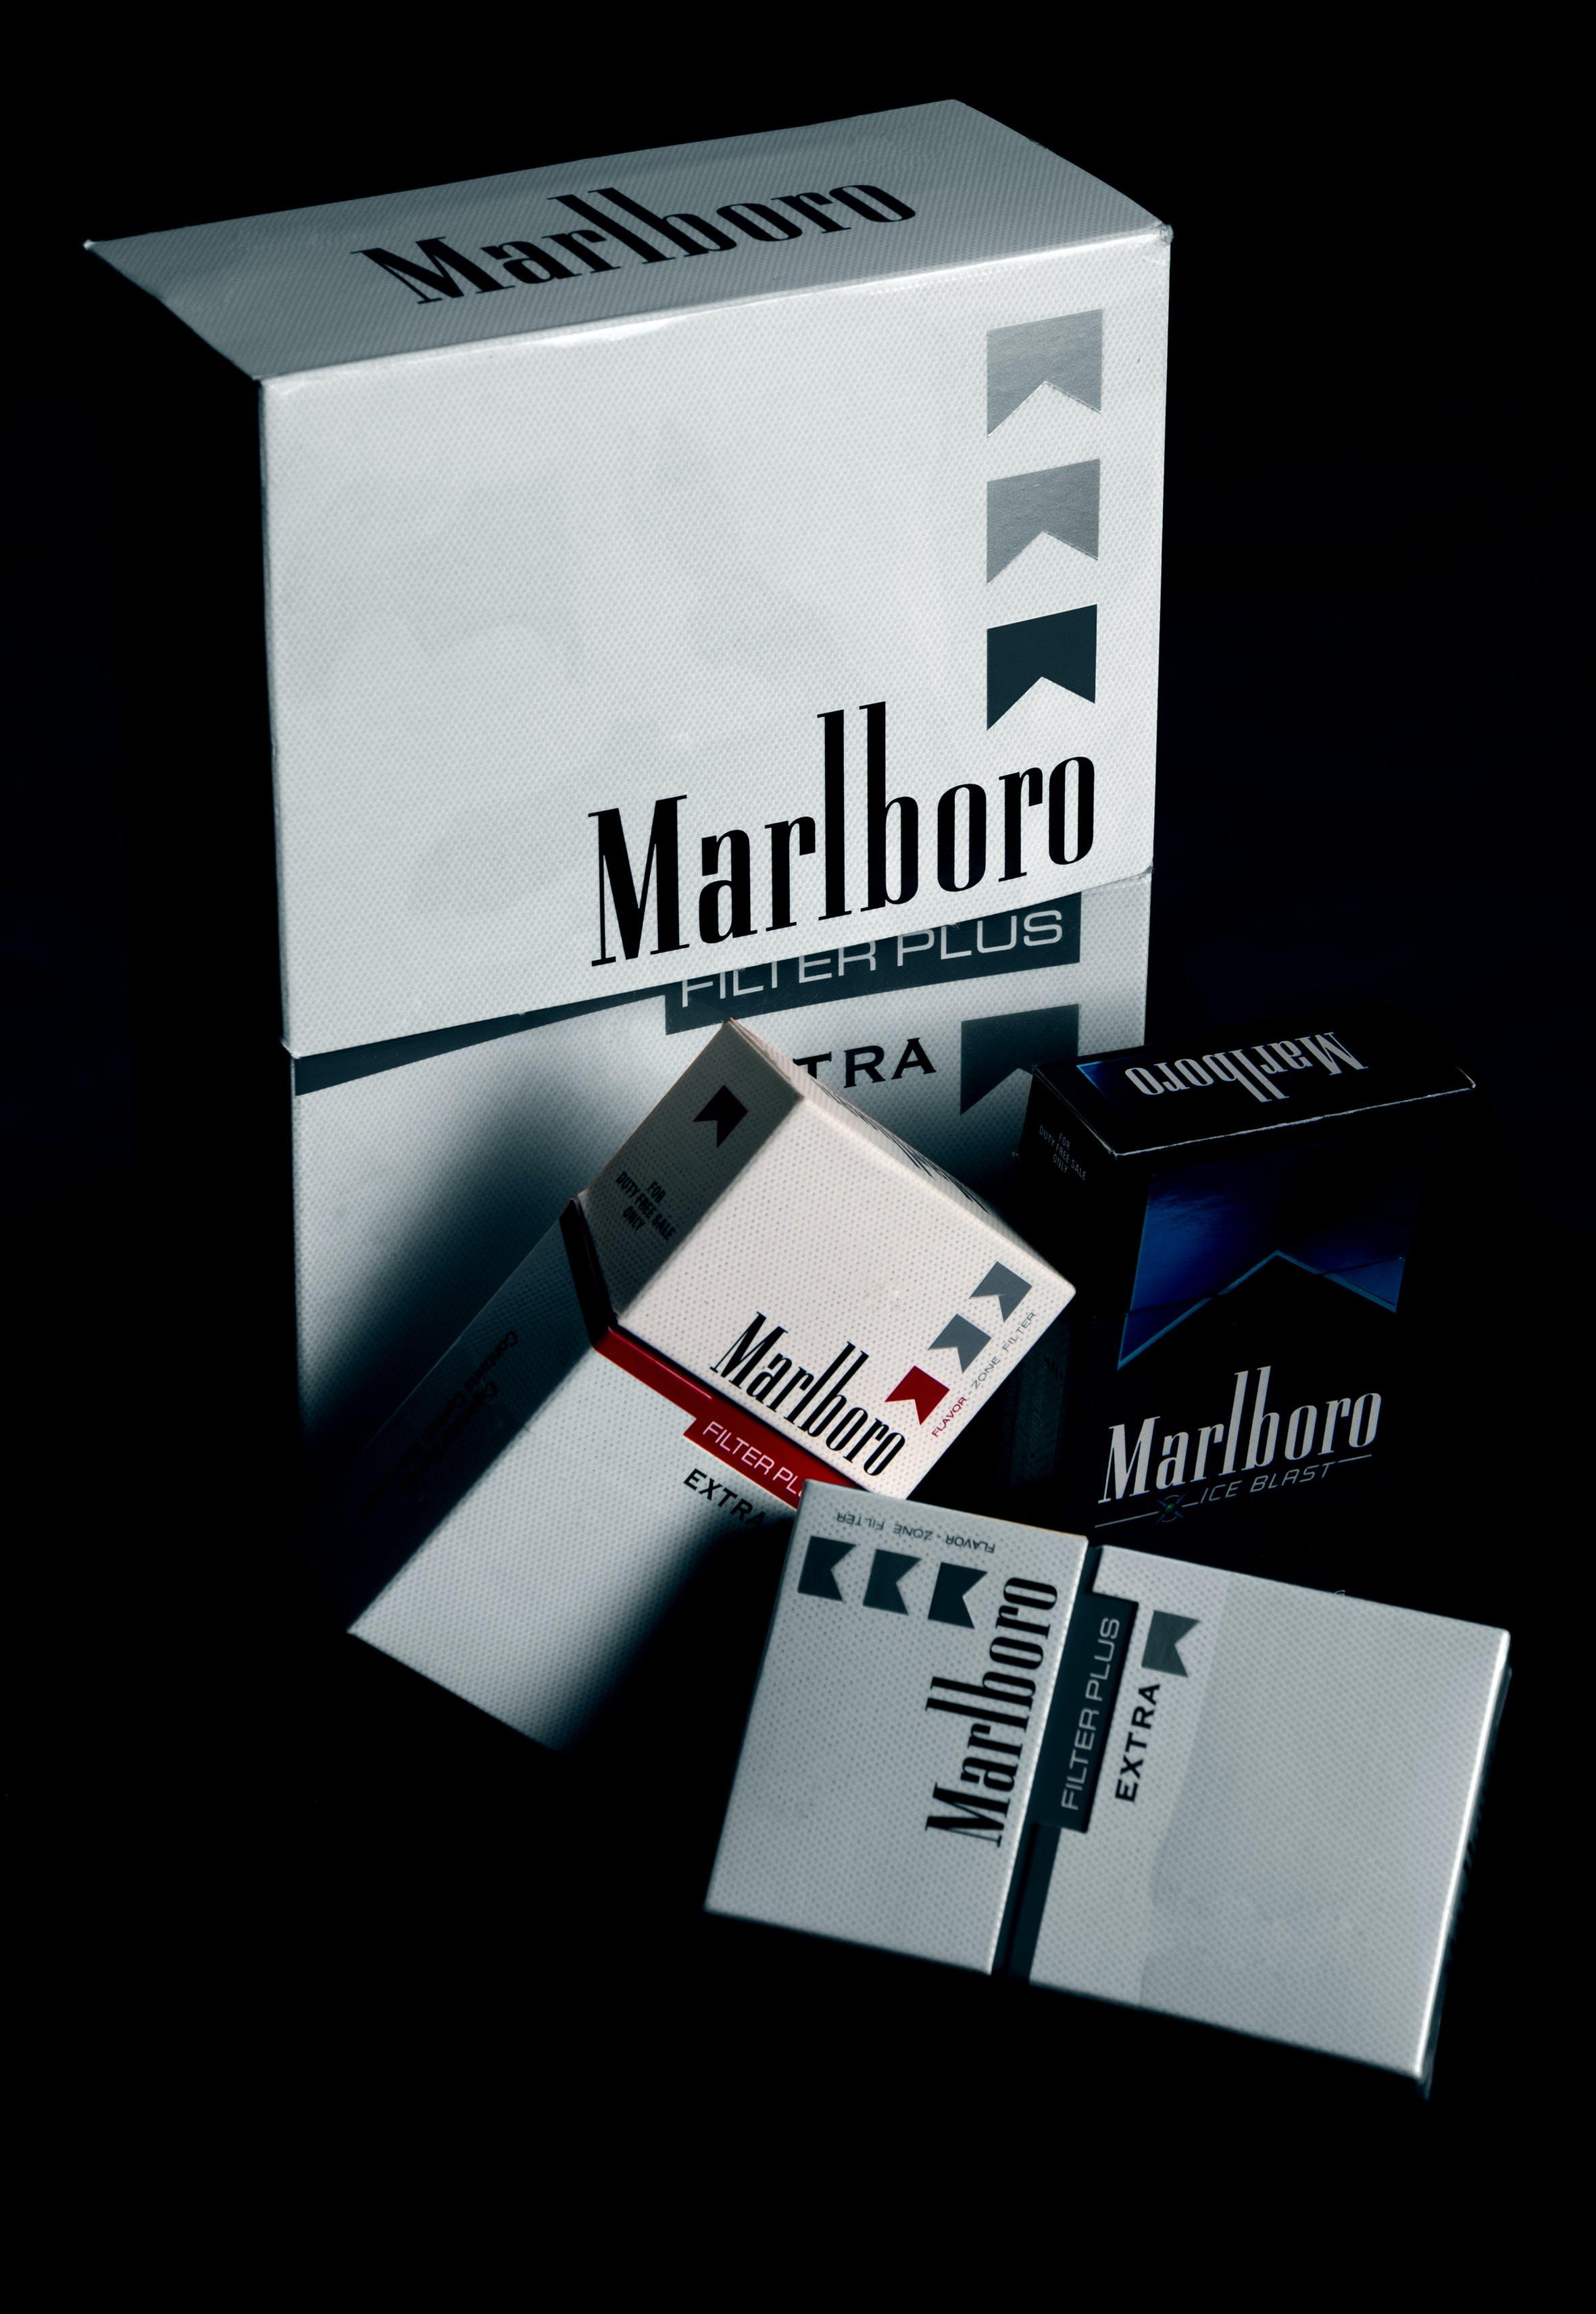 Kostenloses Stock Foto zu marlboro, rauchen, ungesund, zigaretten